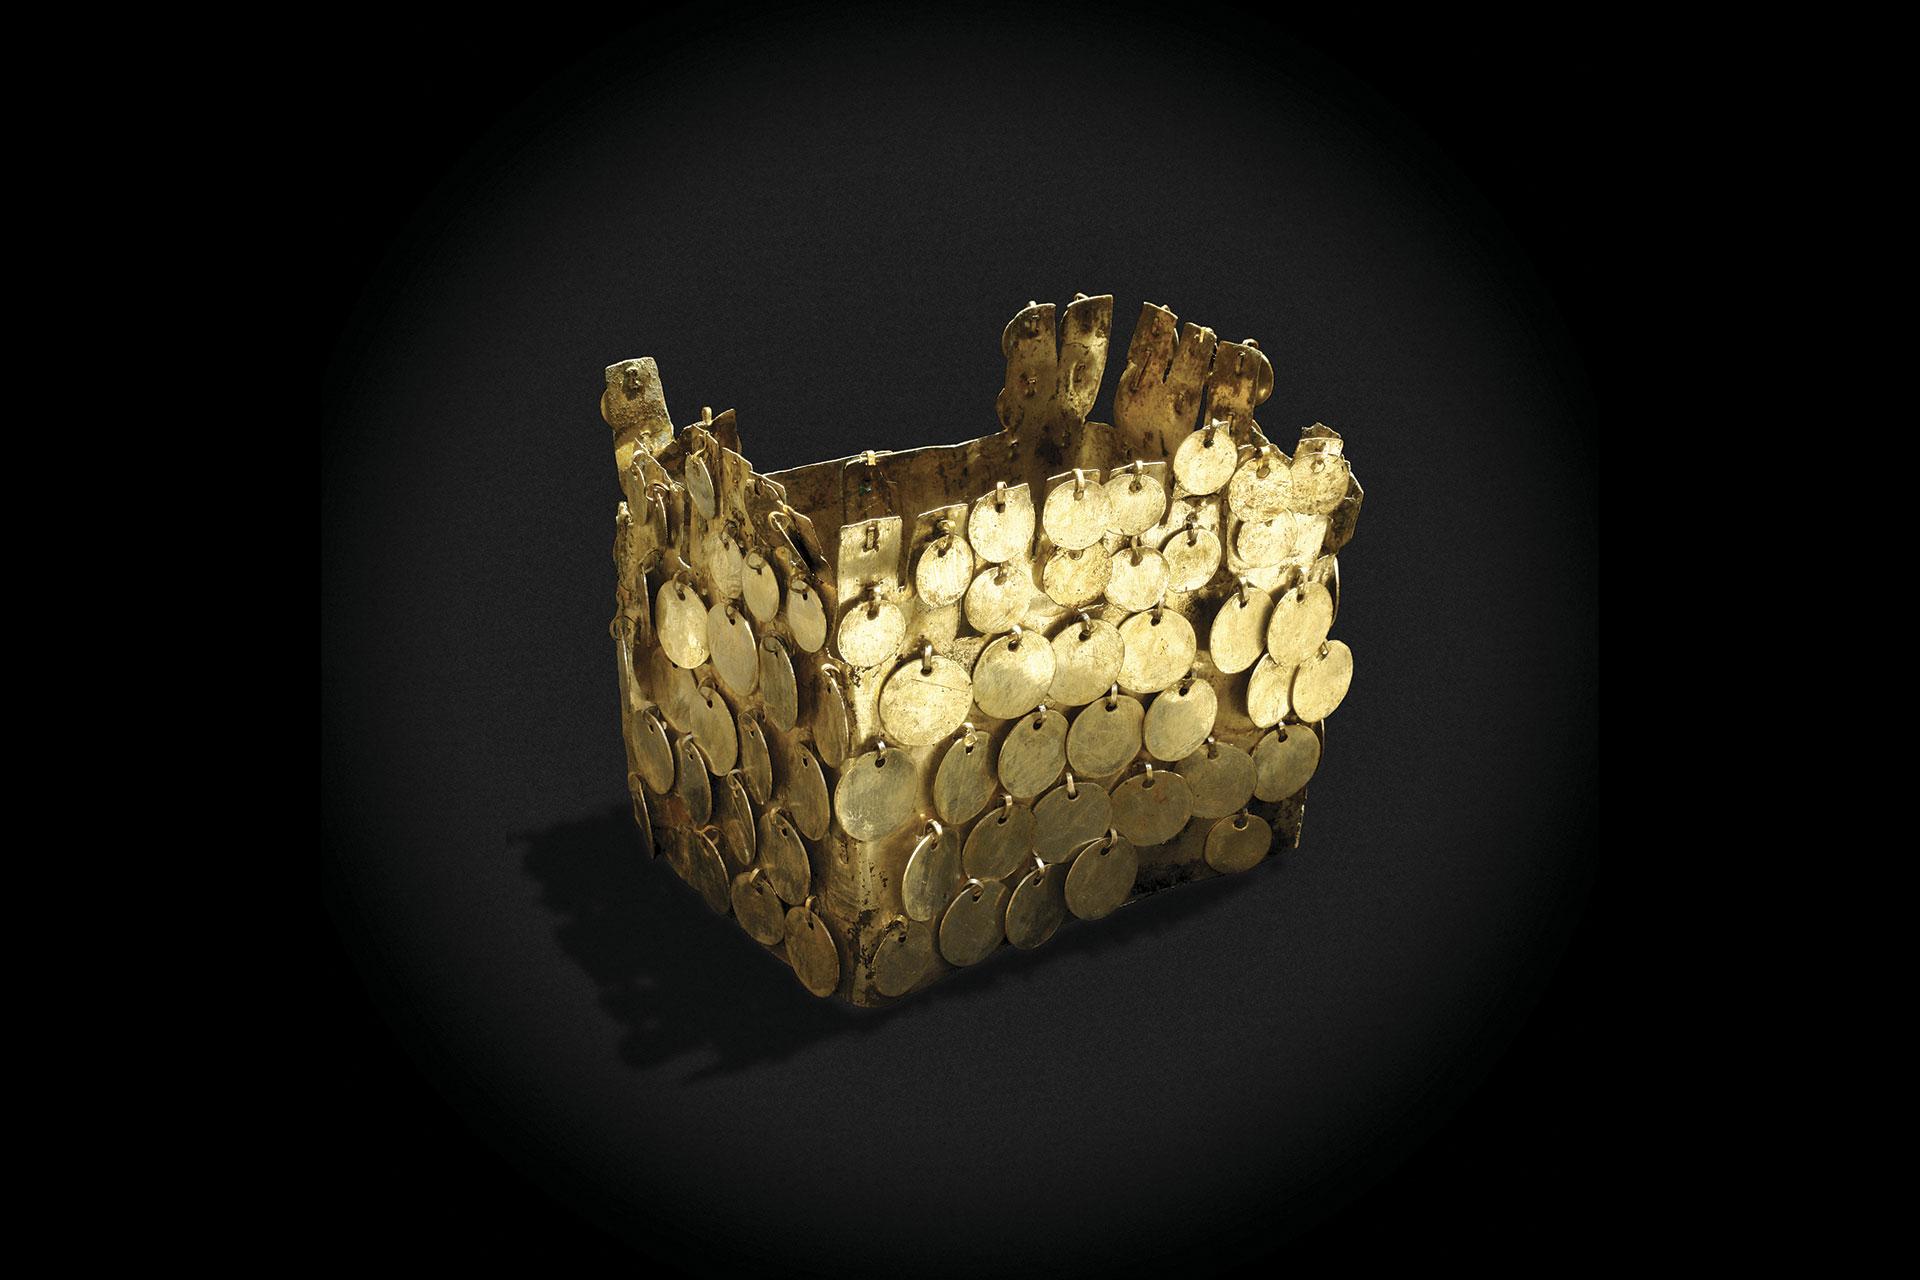 Corona de cobre dorado con lentejuelas. Cultura Vicús.